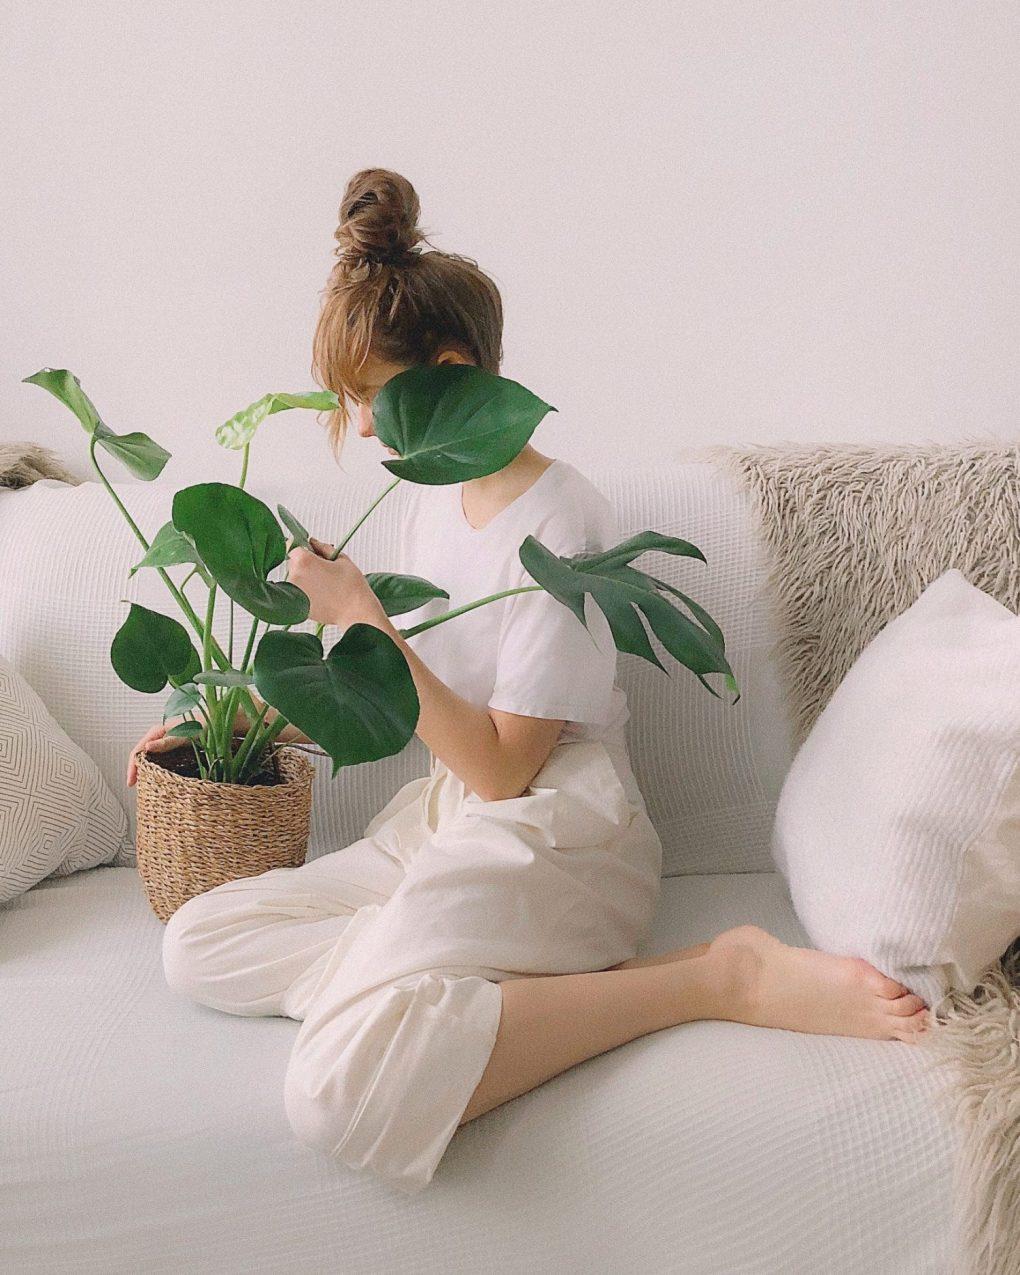 donica-dziewczyna Miejski busz - renesans roślin wewnętrzach